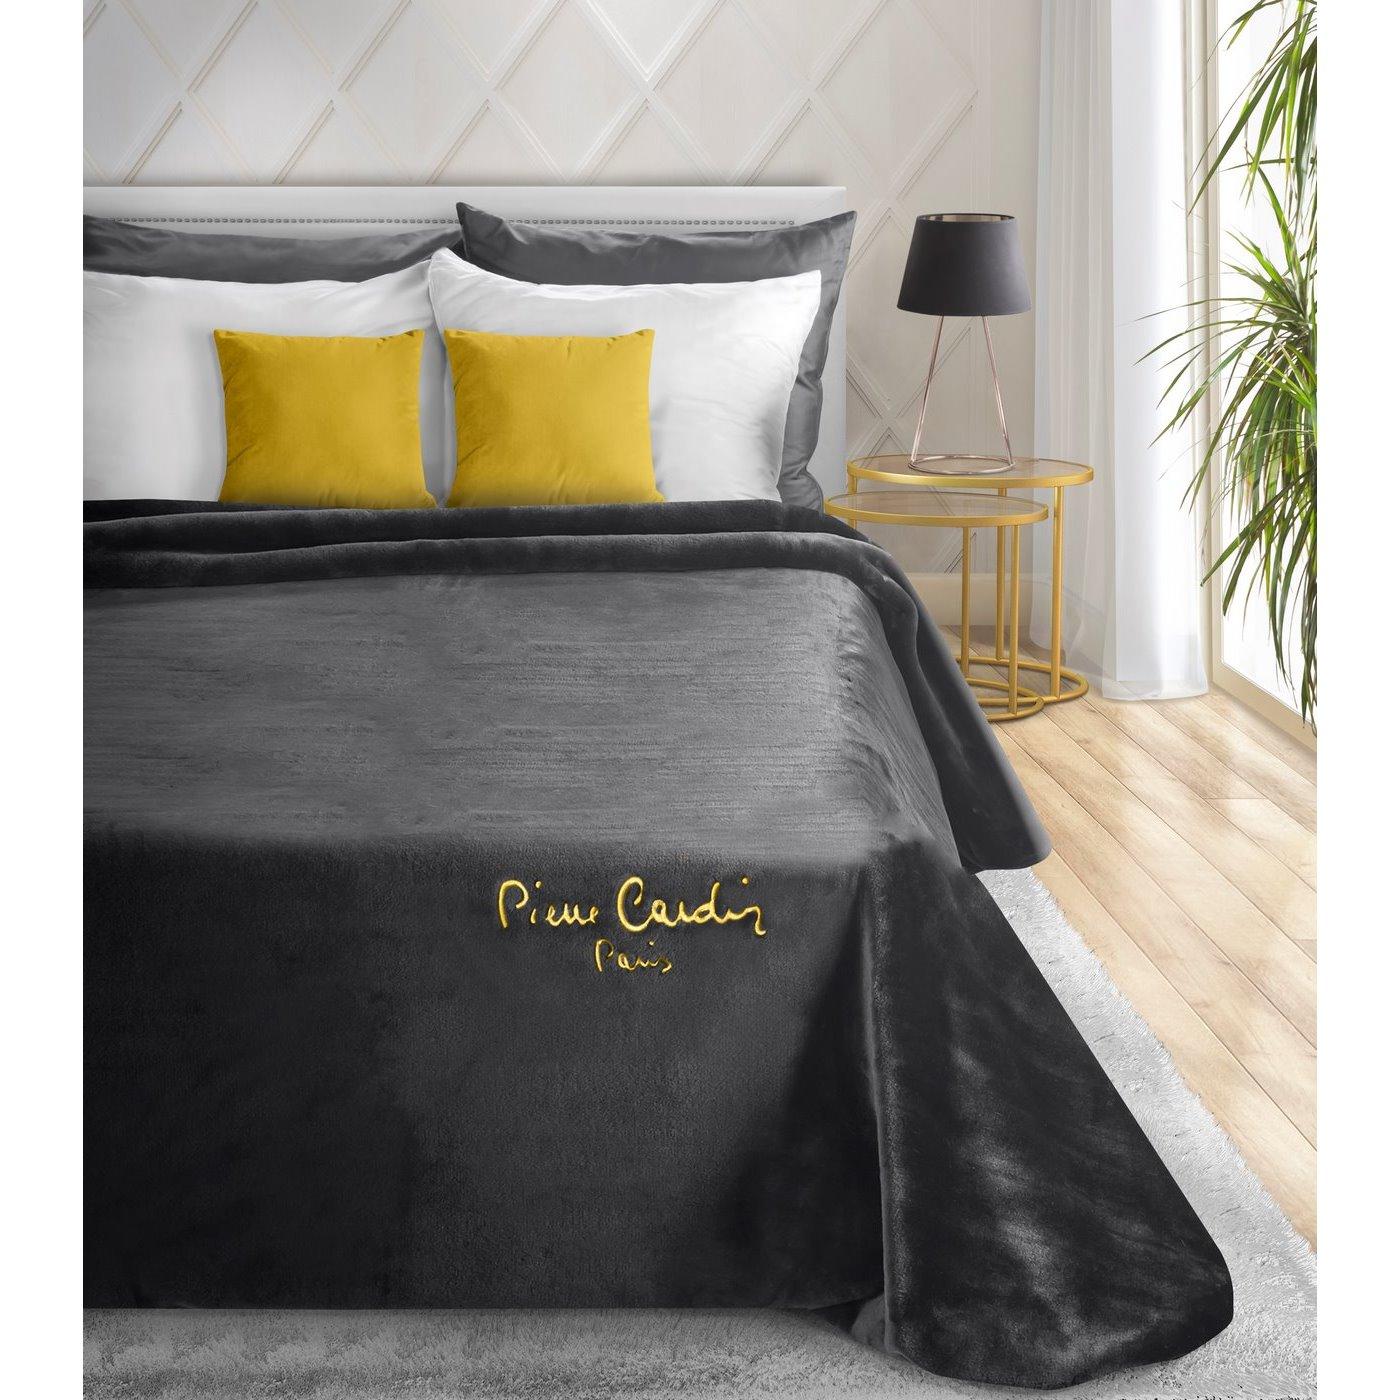 Czarny EKSKLUZYWNY KOC Clara od PIERRE CARDIN 220x240 cm z akrylem